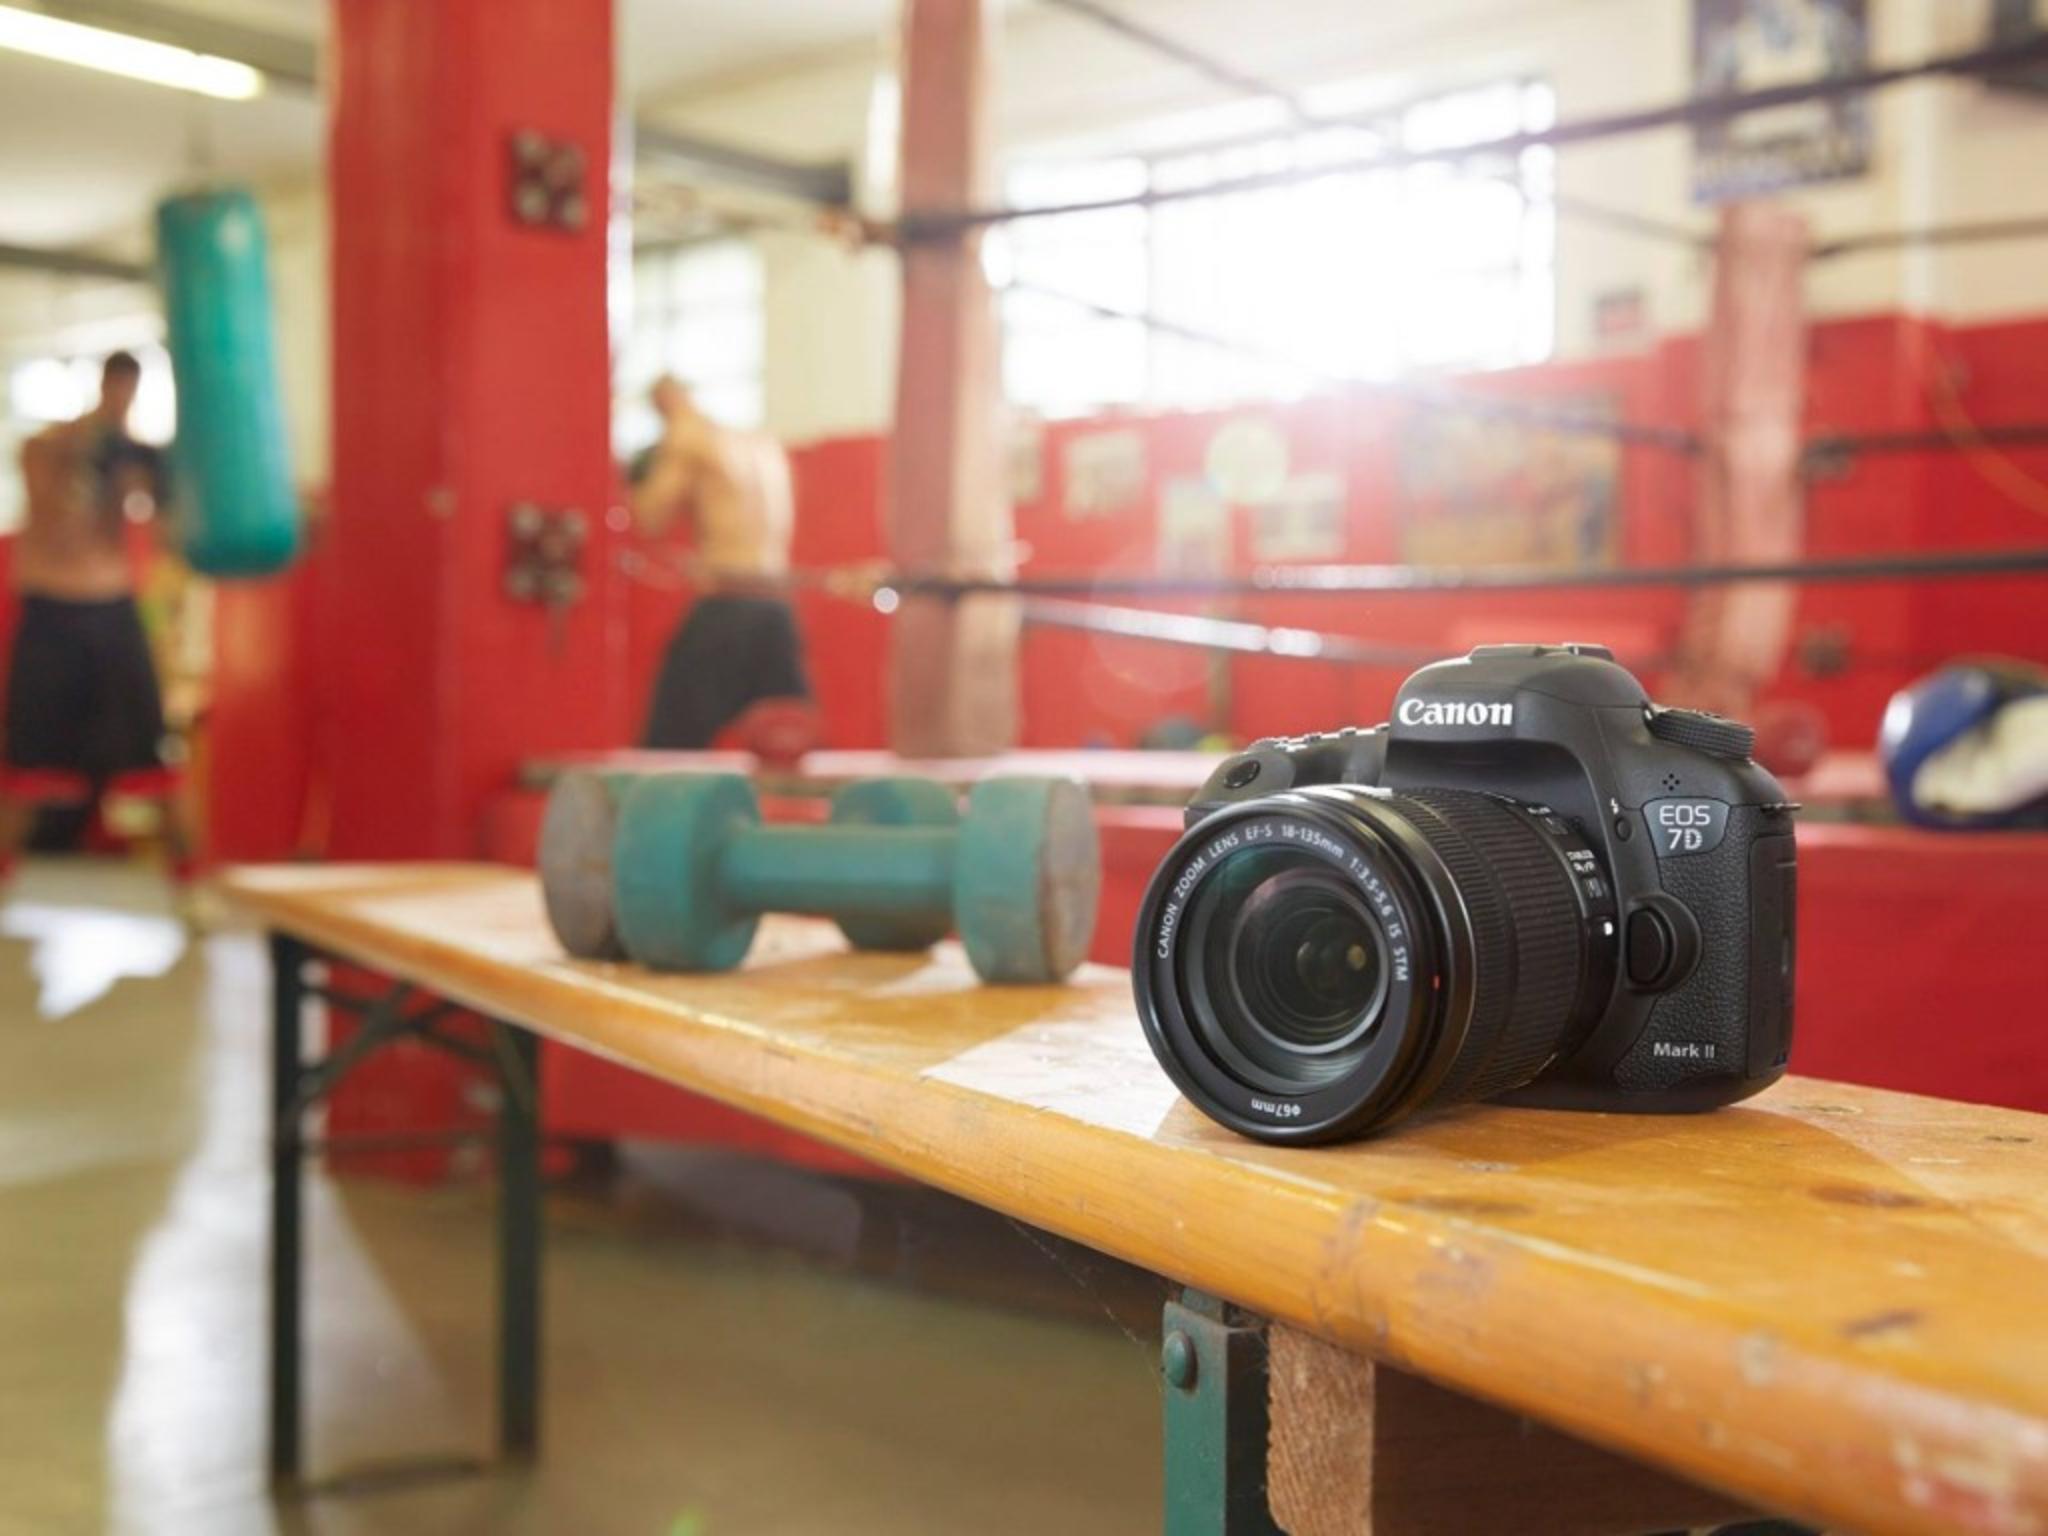 Canons EOS-Spiegelreflexkameras: Welches Modell ist das Richtige?